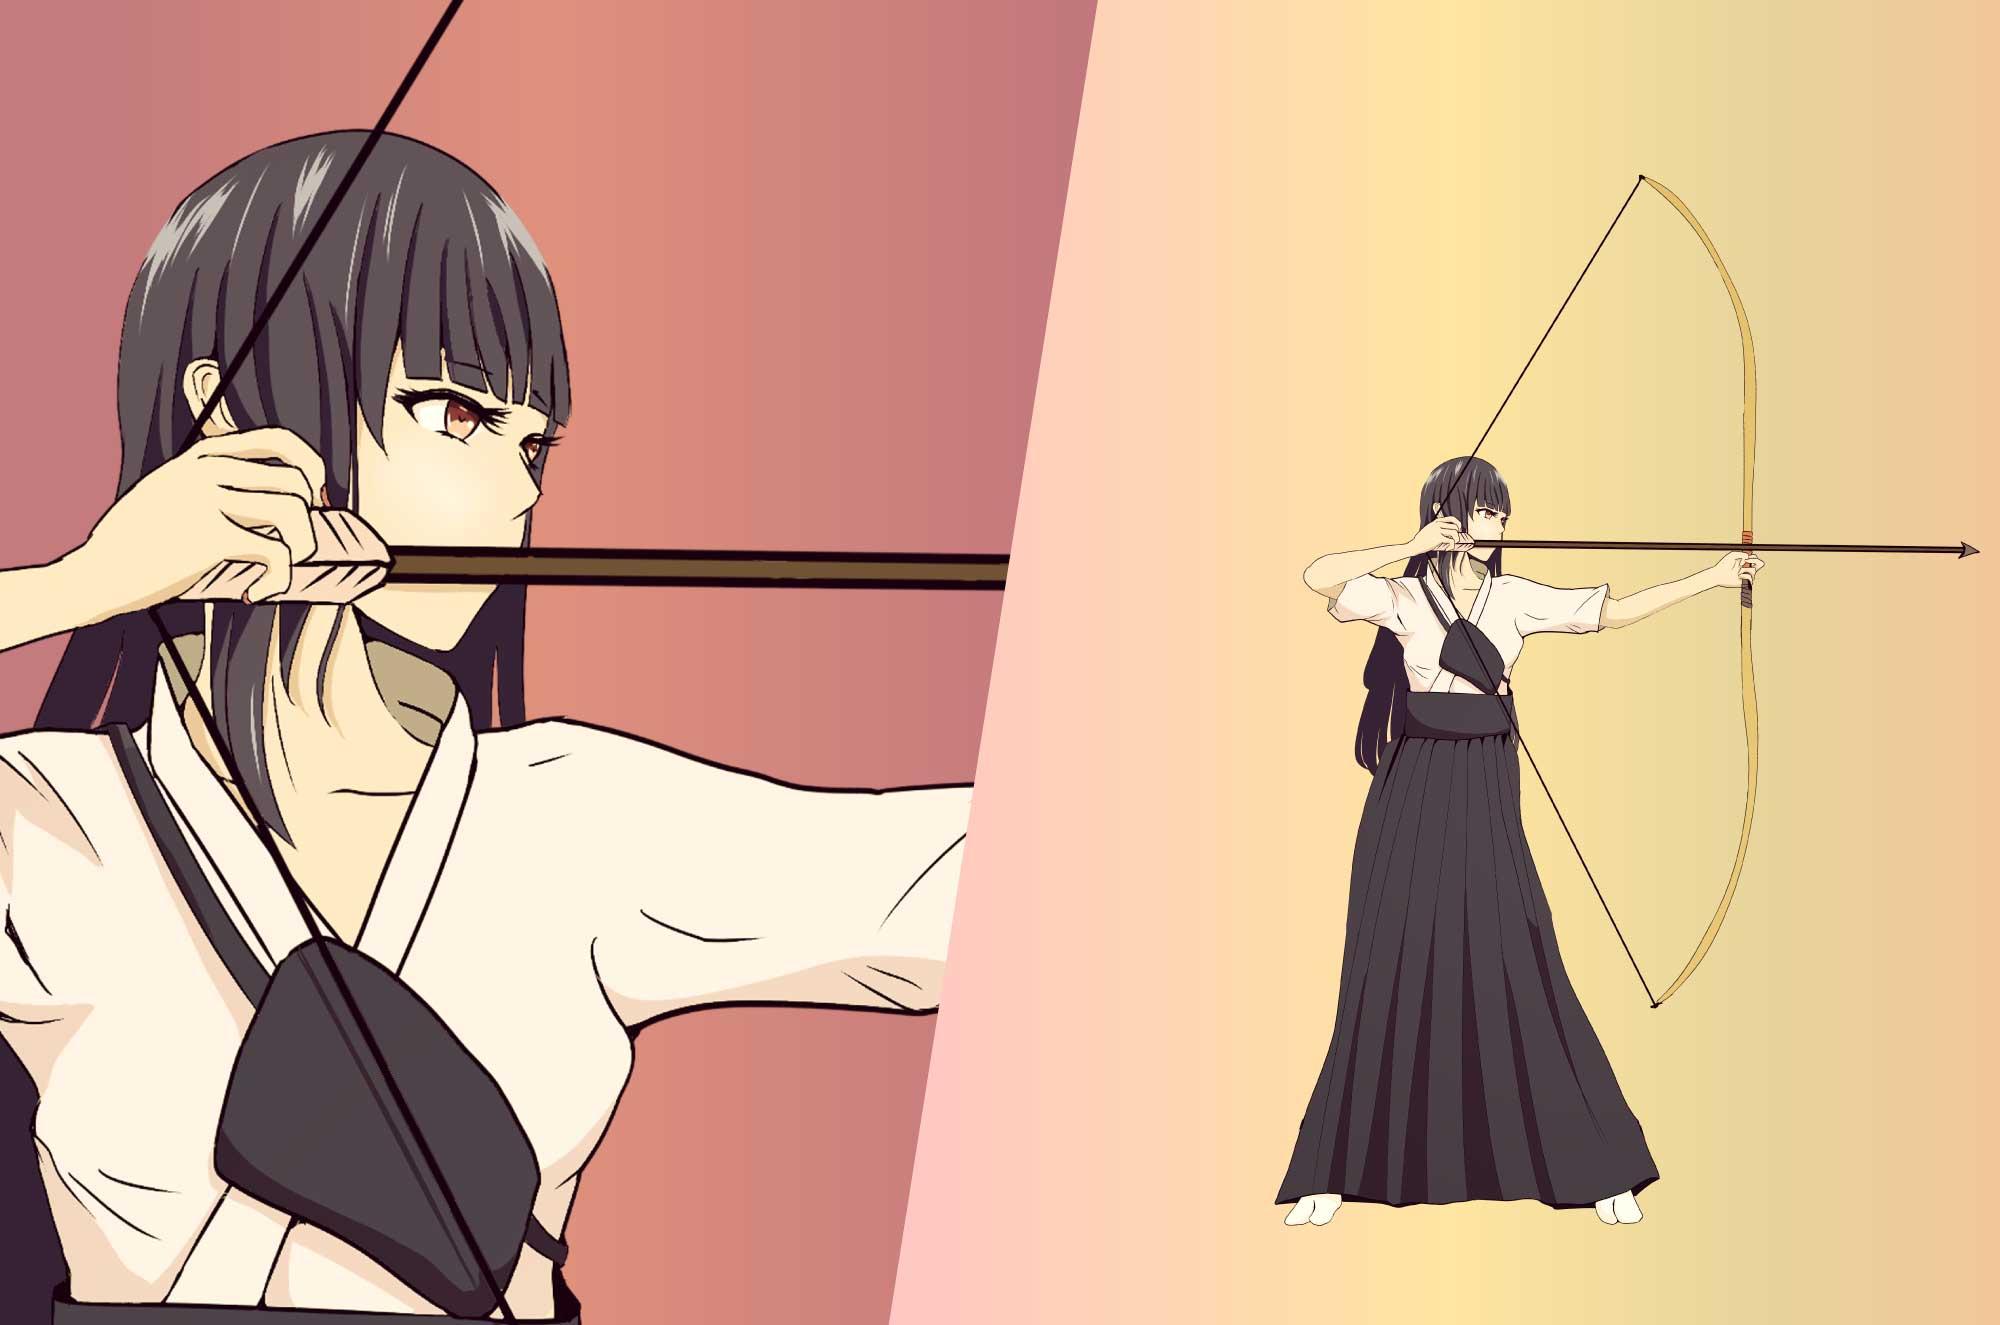 弓道の無料イラスト - 日本の武道のイメージ素材